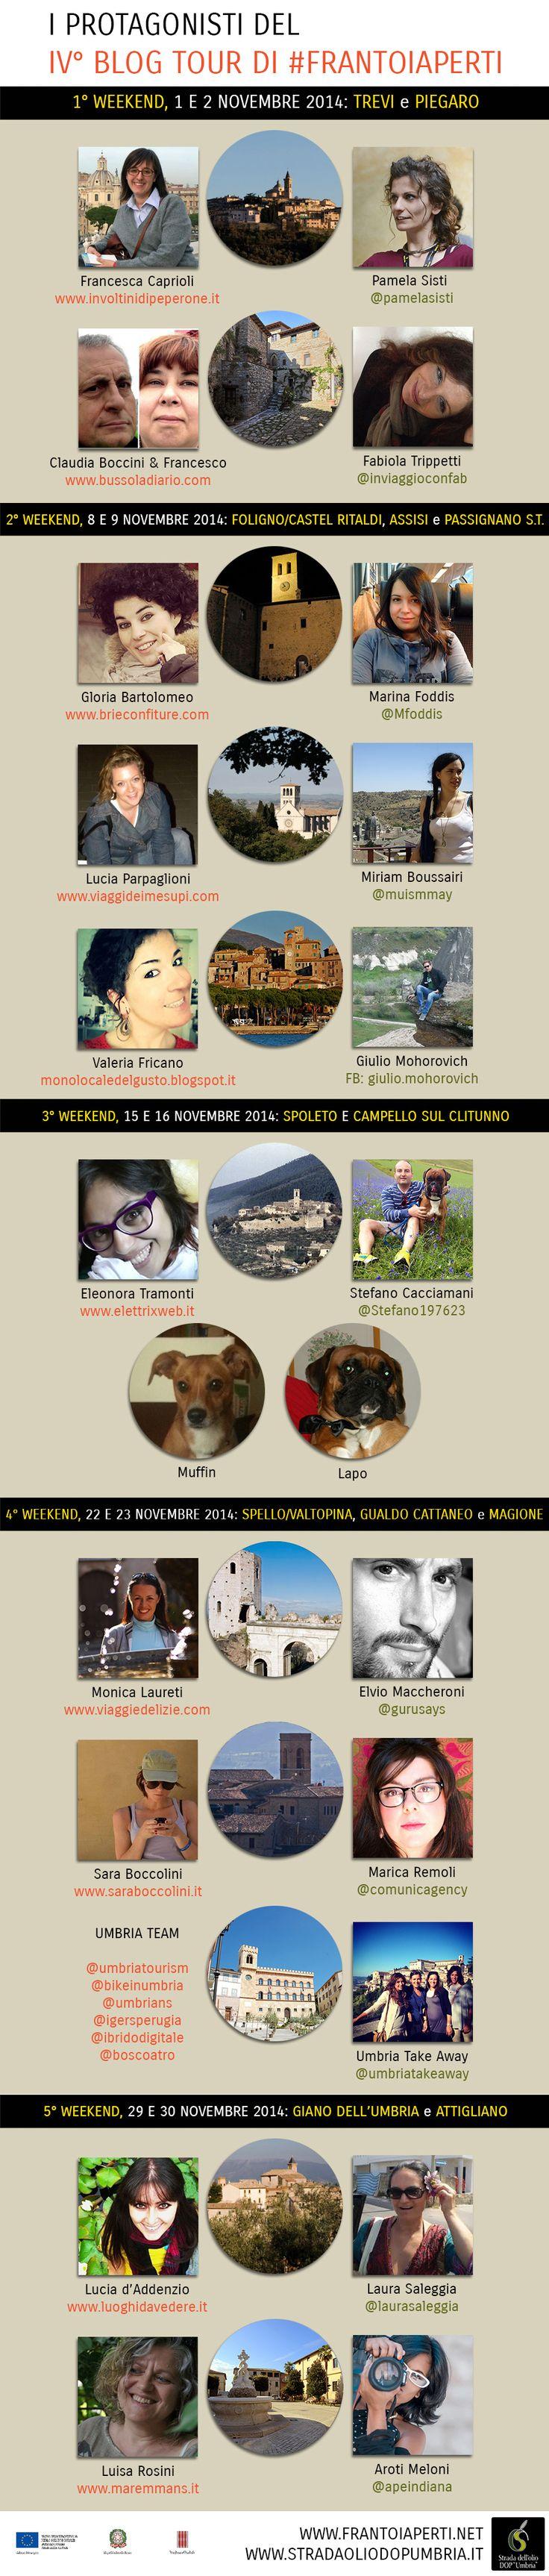 I volti dei protagonisti del IV Blog Tour di #frantoiaperti : l'Umbria come non era mai stata raccontata!